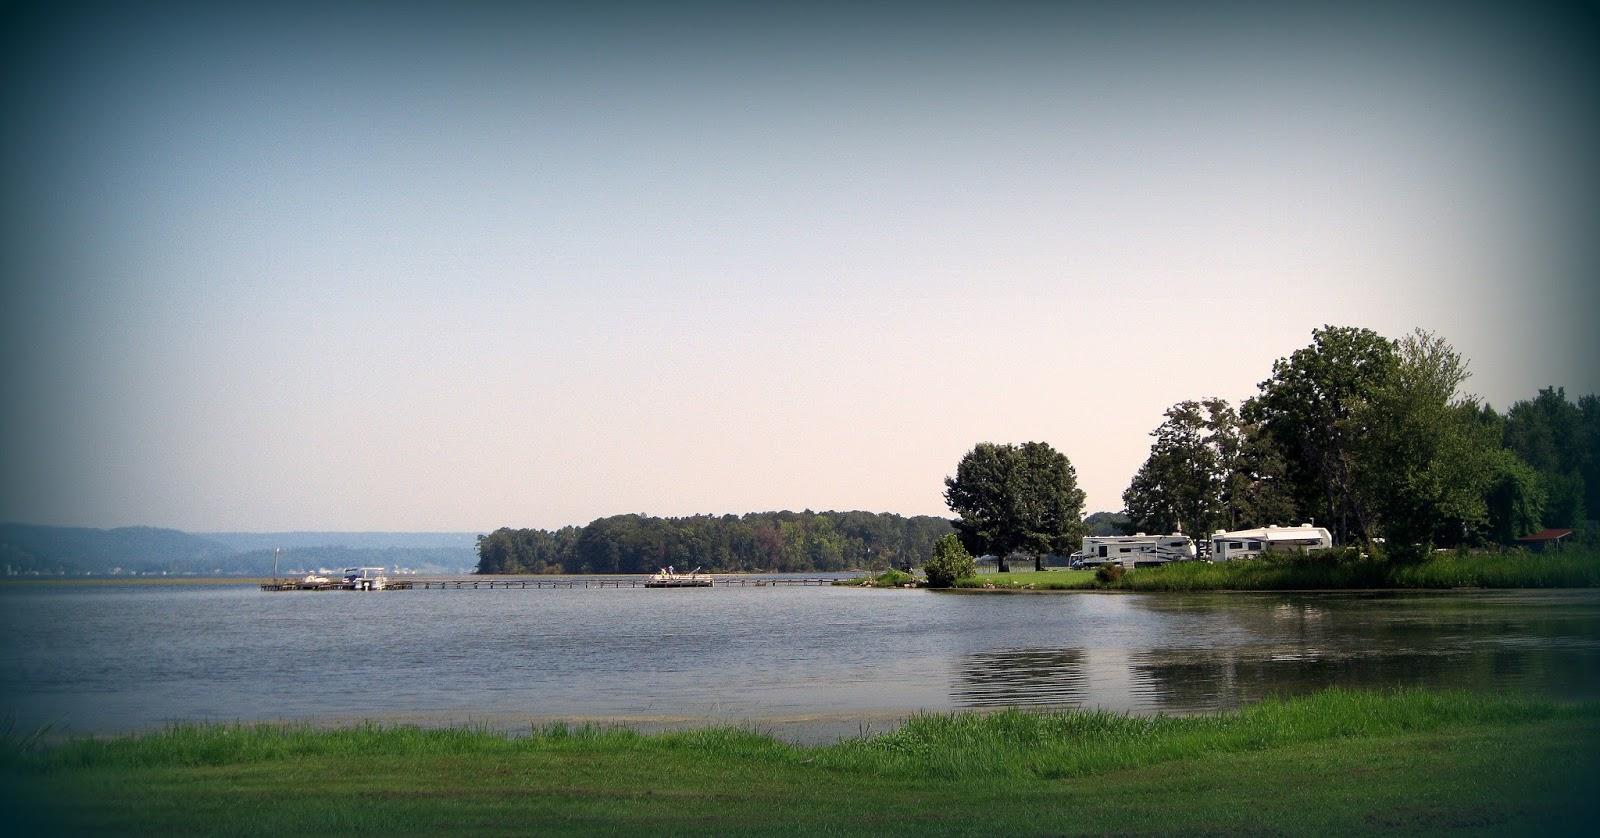 over hill n dale: mountain lakes resort, langston, alabama